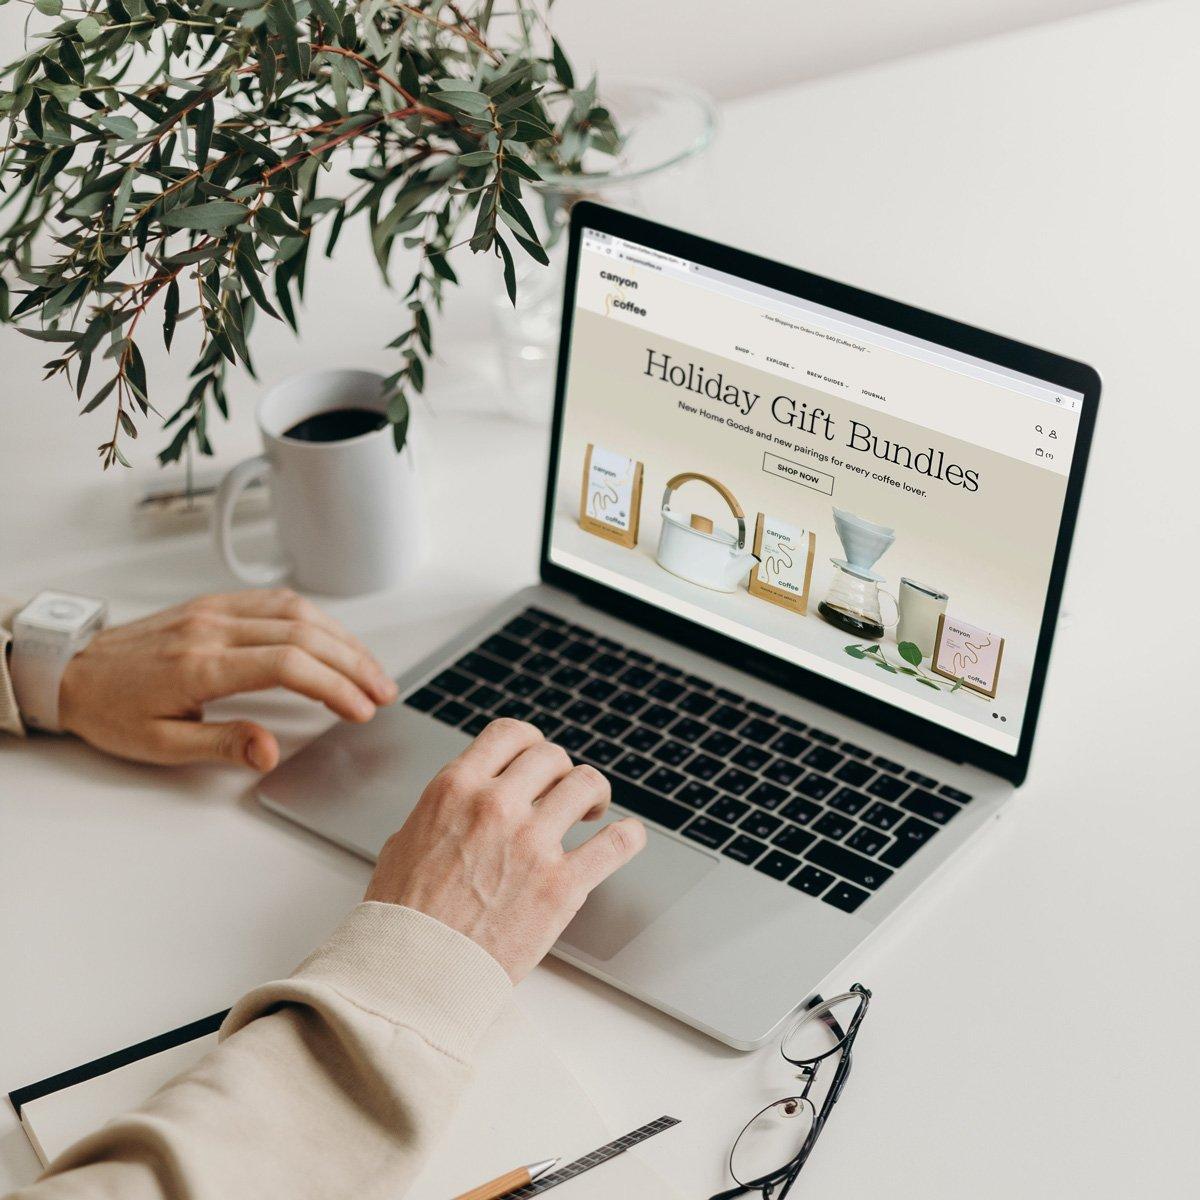 Canyon Coffee Web Design - Laptop